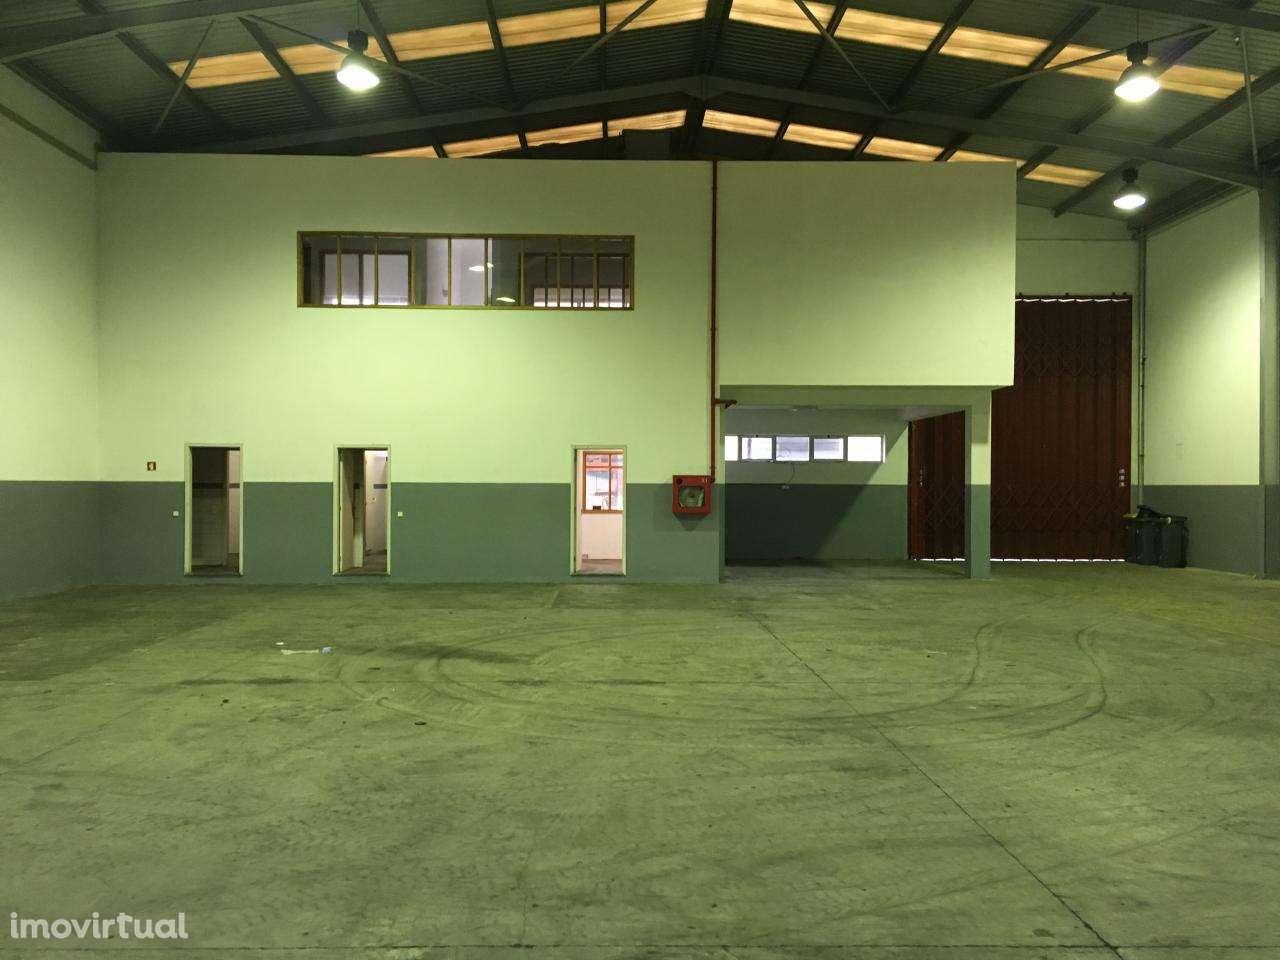 Armazém para arrendar, Moreira, Maia, Porto - Foto 3